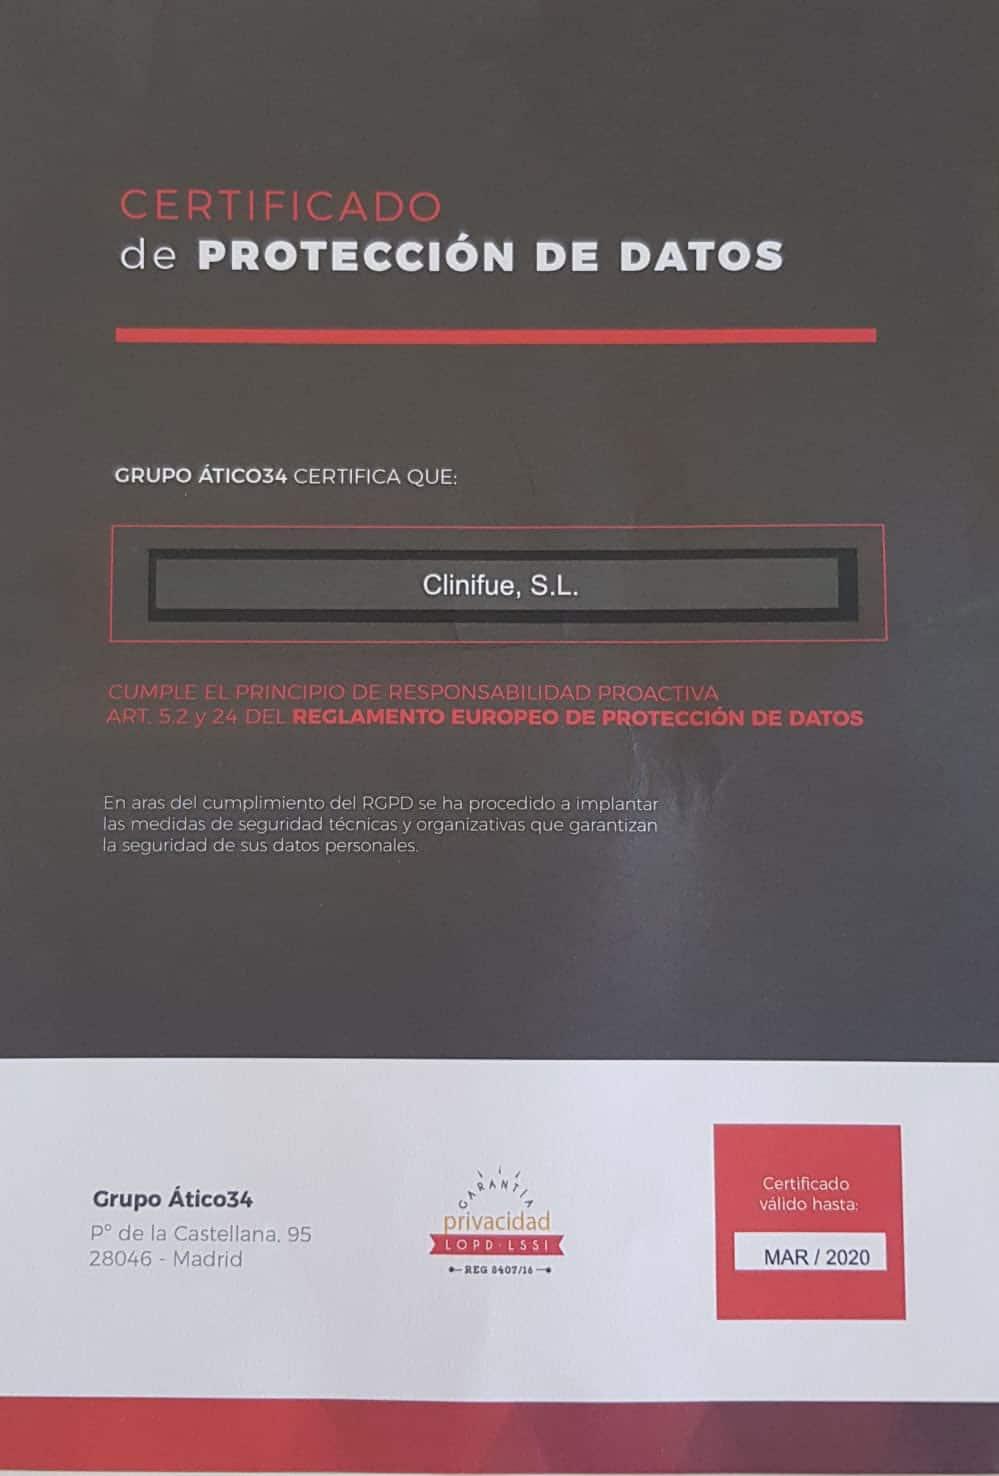 Certificado Protección de Datos 100% seguro legales